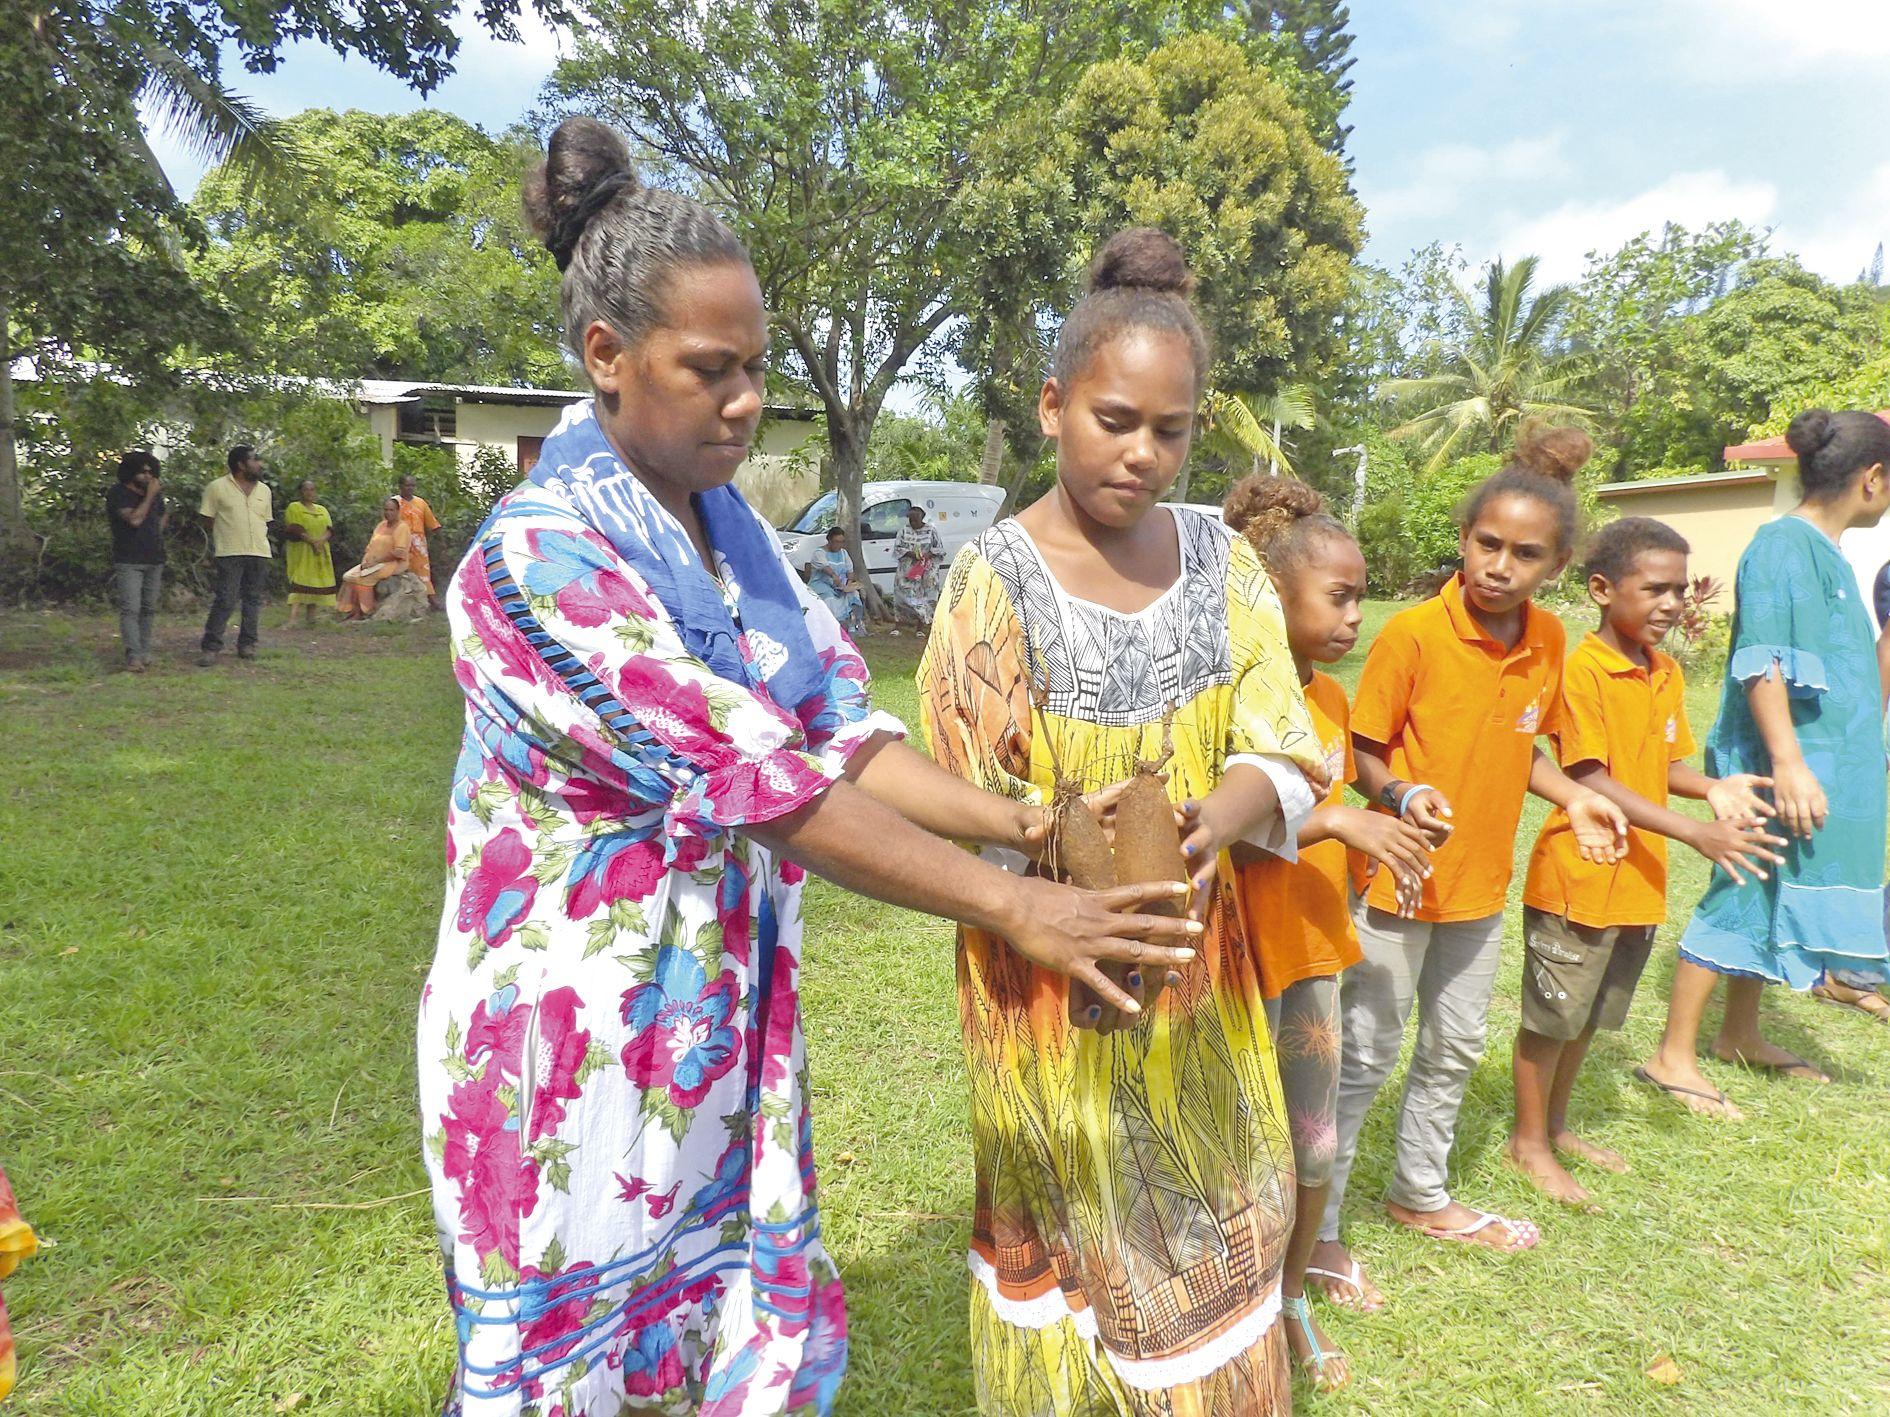 Après la bénédiction des ignames en l'église, les enfants ont réalisé une chaîne humaine pour recomposer le tas de tubercules, mis en ordre uniquement par les hommes.